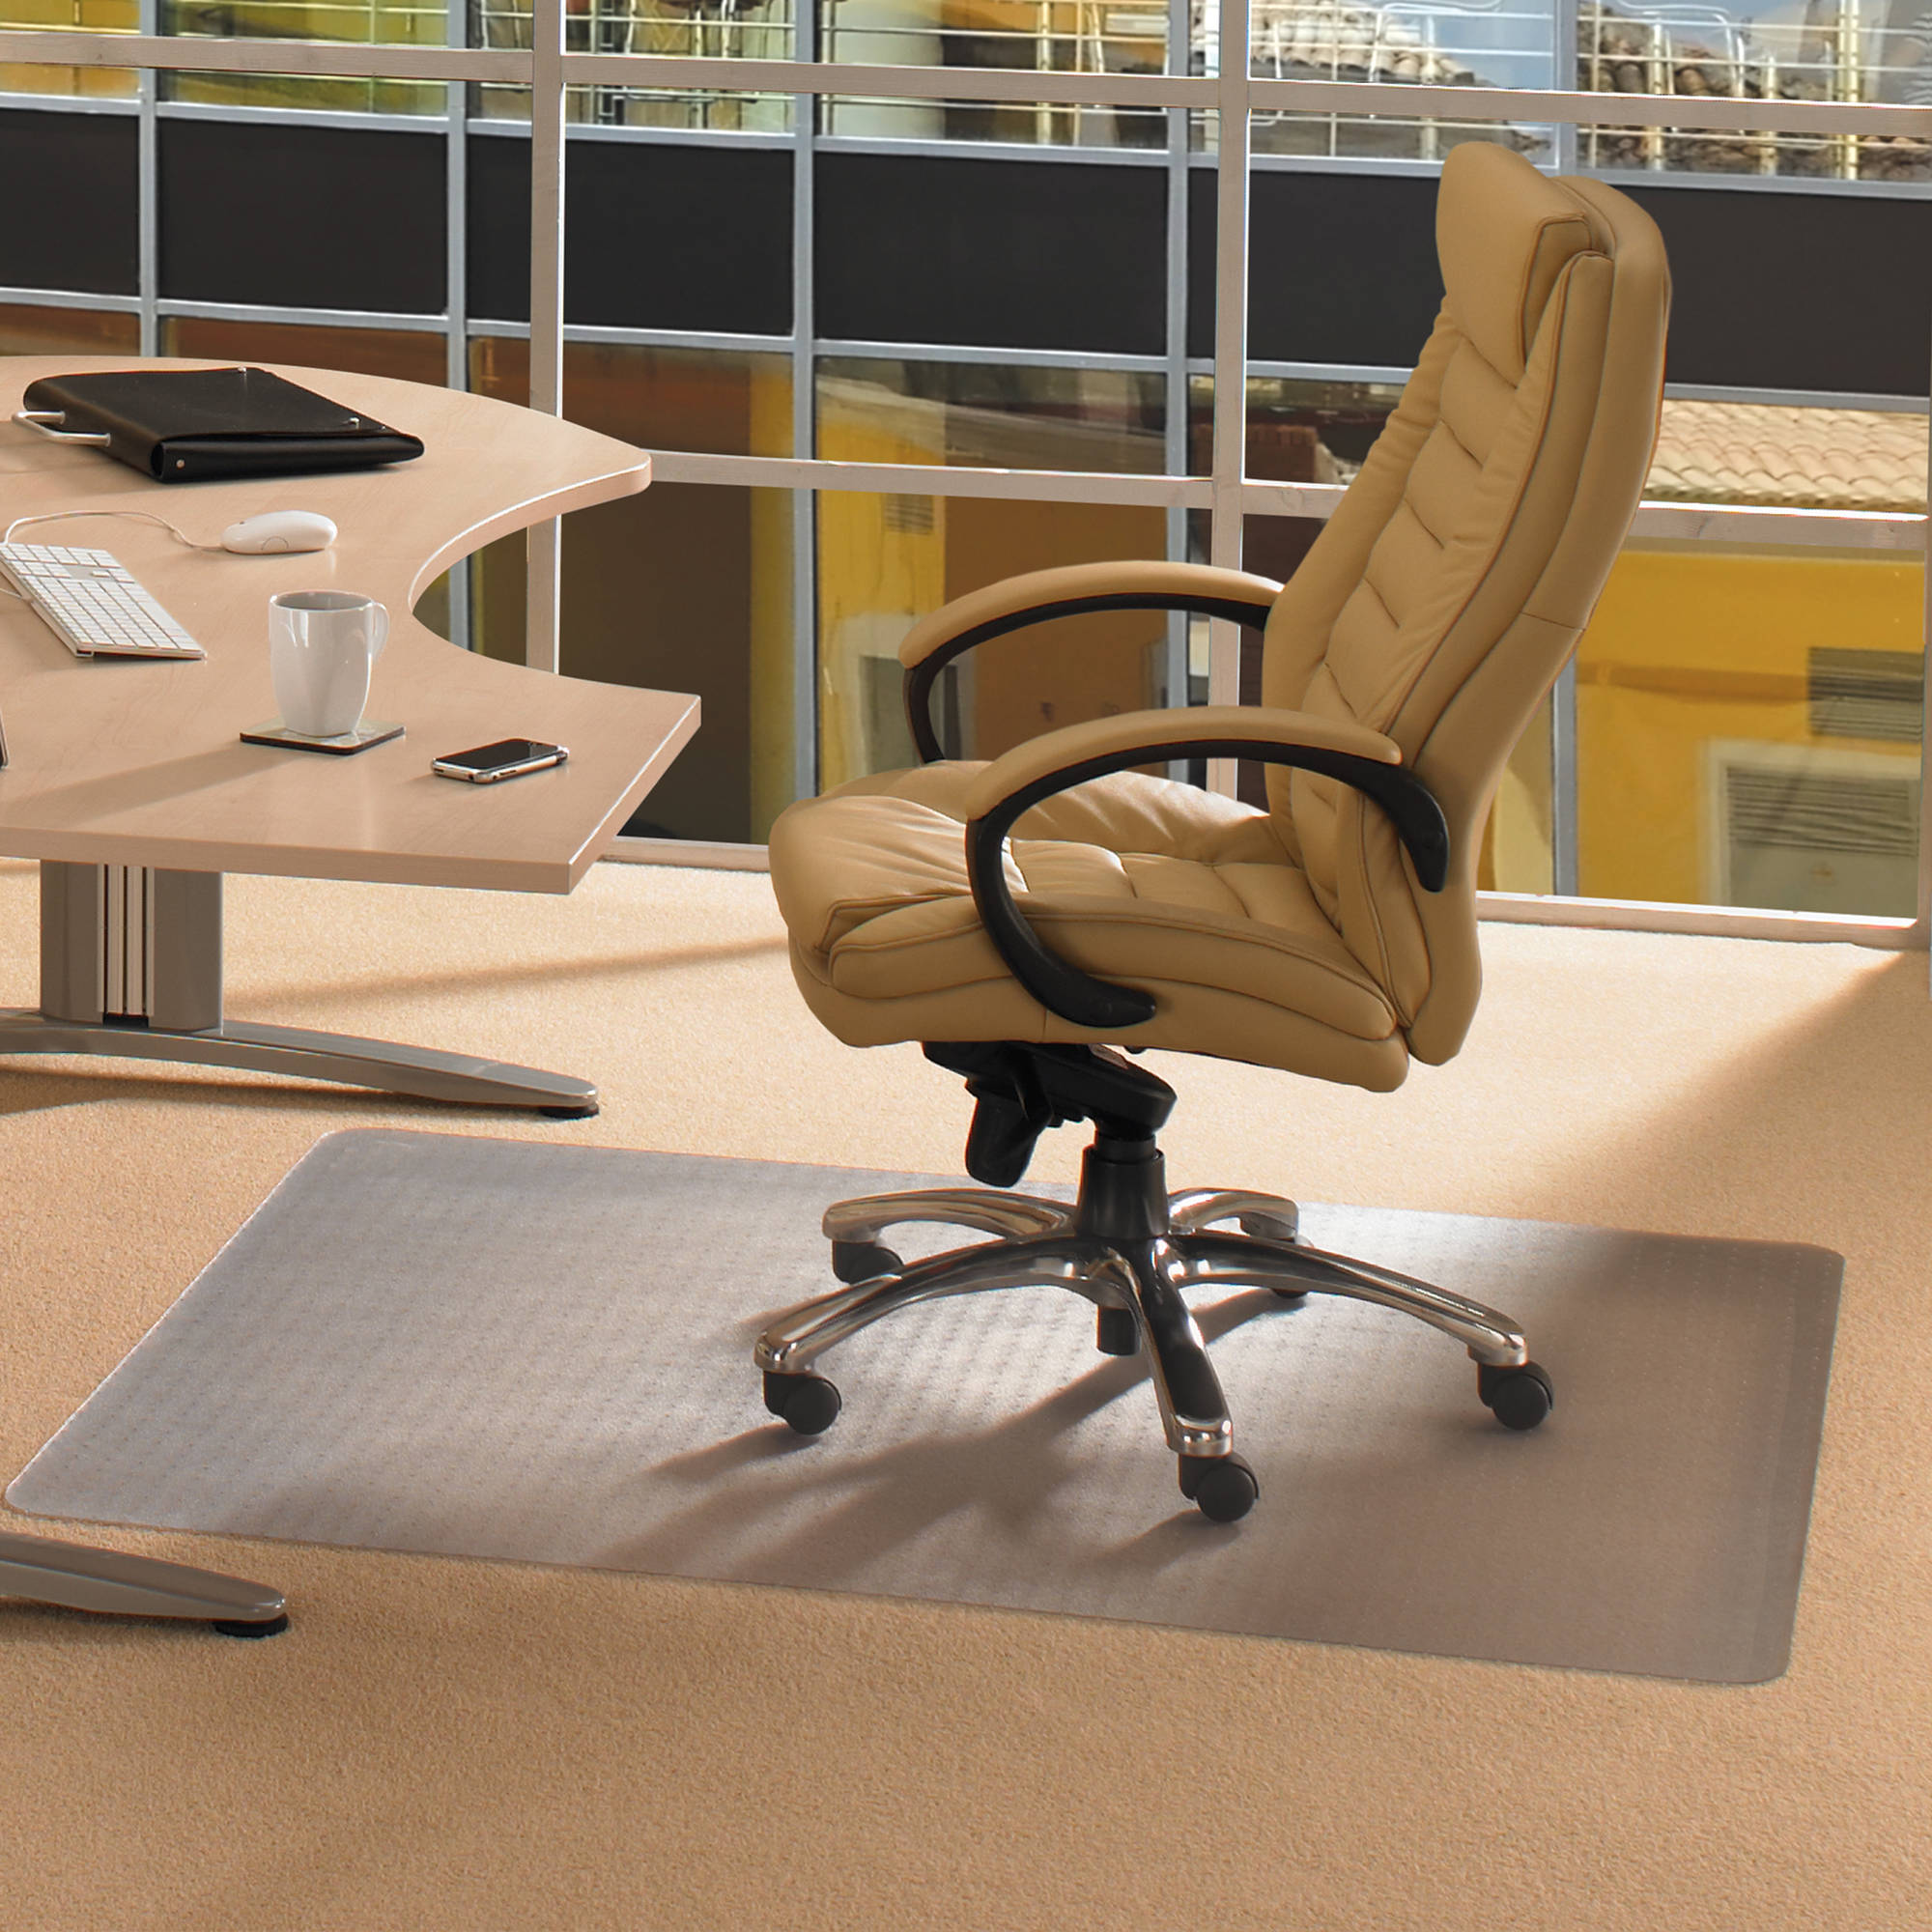 ecotex enhanced polymer 48 x 60 standard pile carpet chair mat